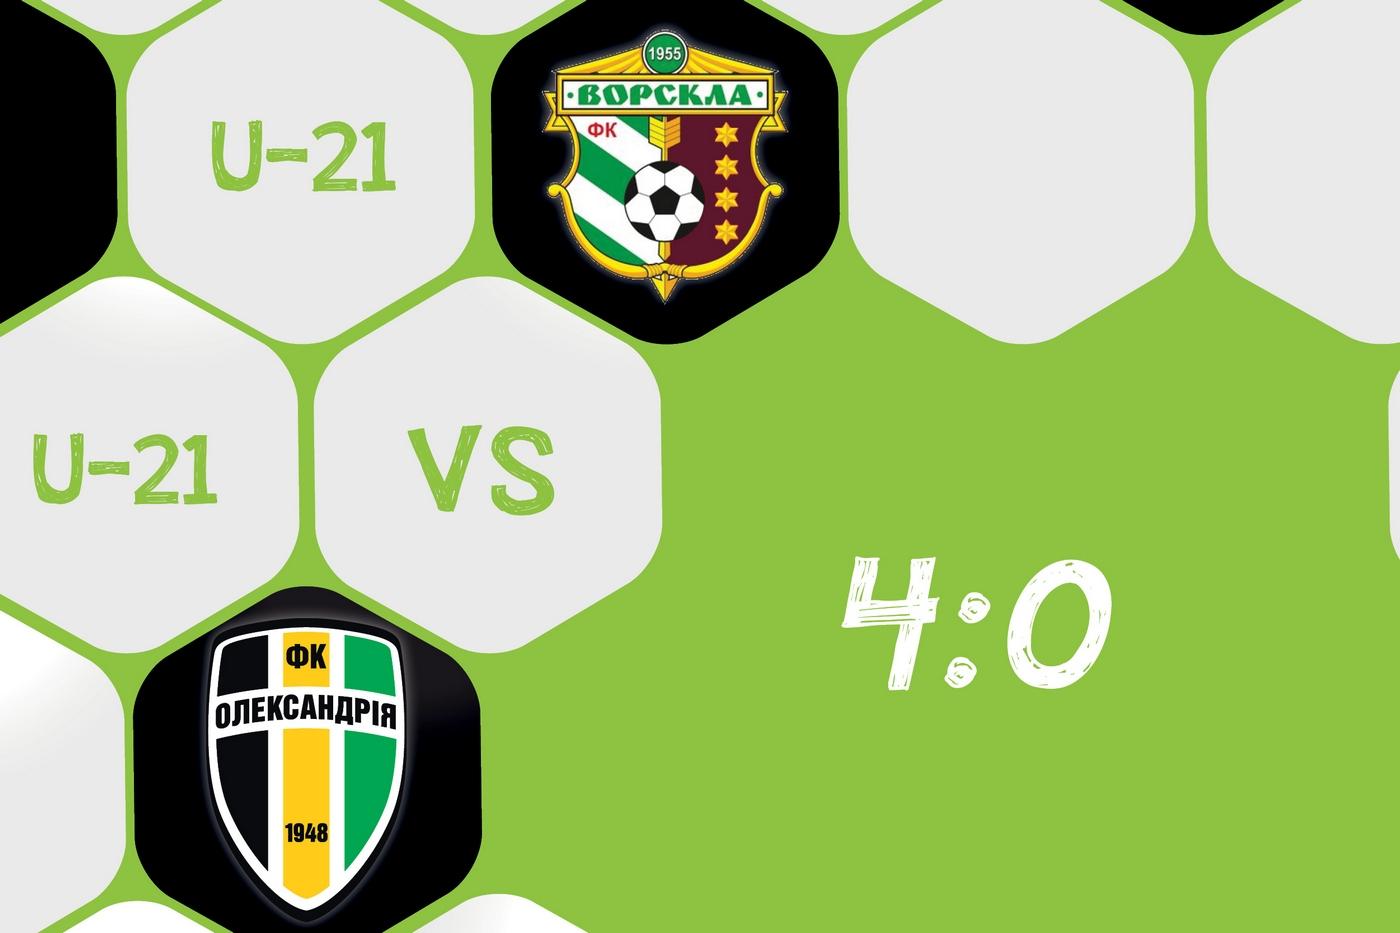 ФК «Олександрія» (U-21) – ФК «Ворскла» (Полтава) (U-21) – 4:0